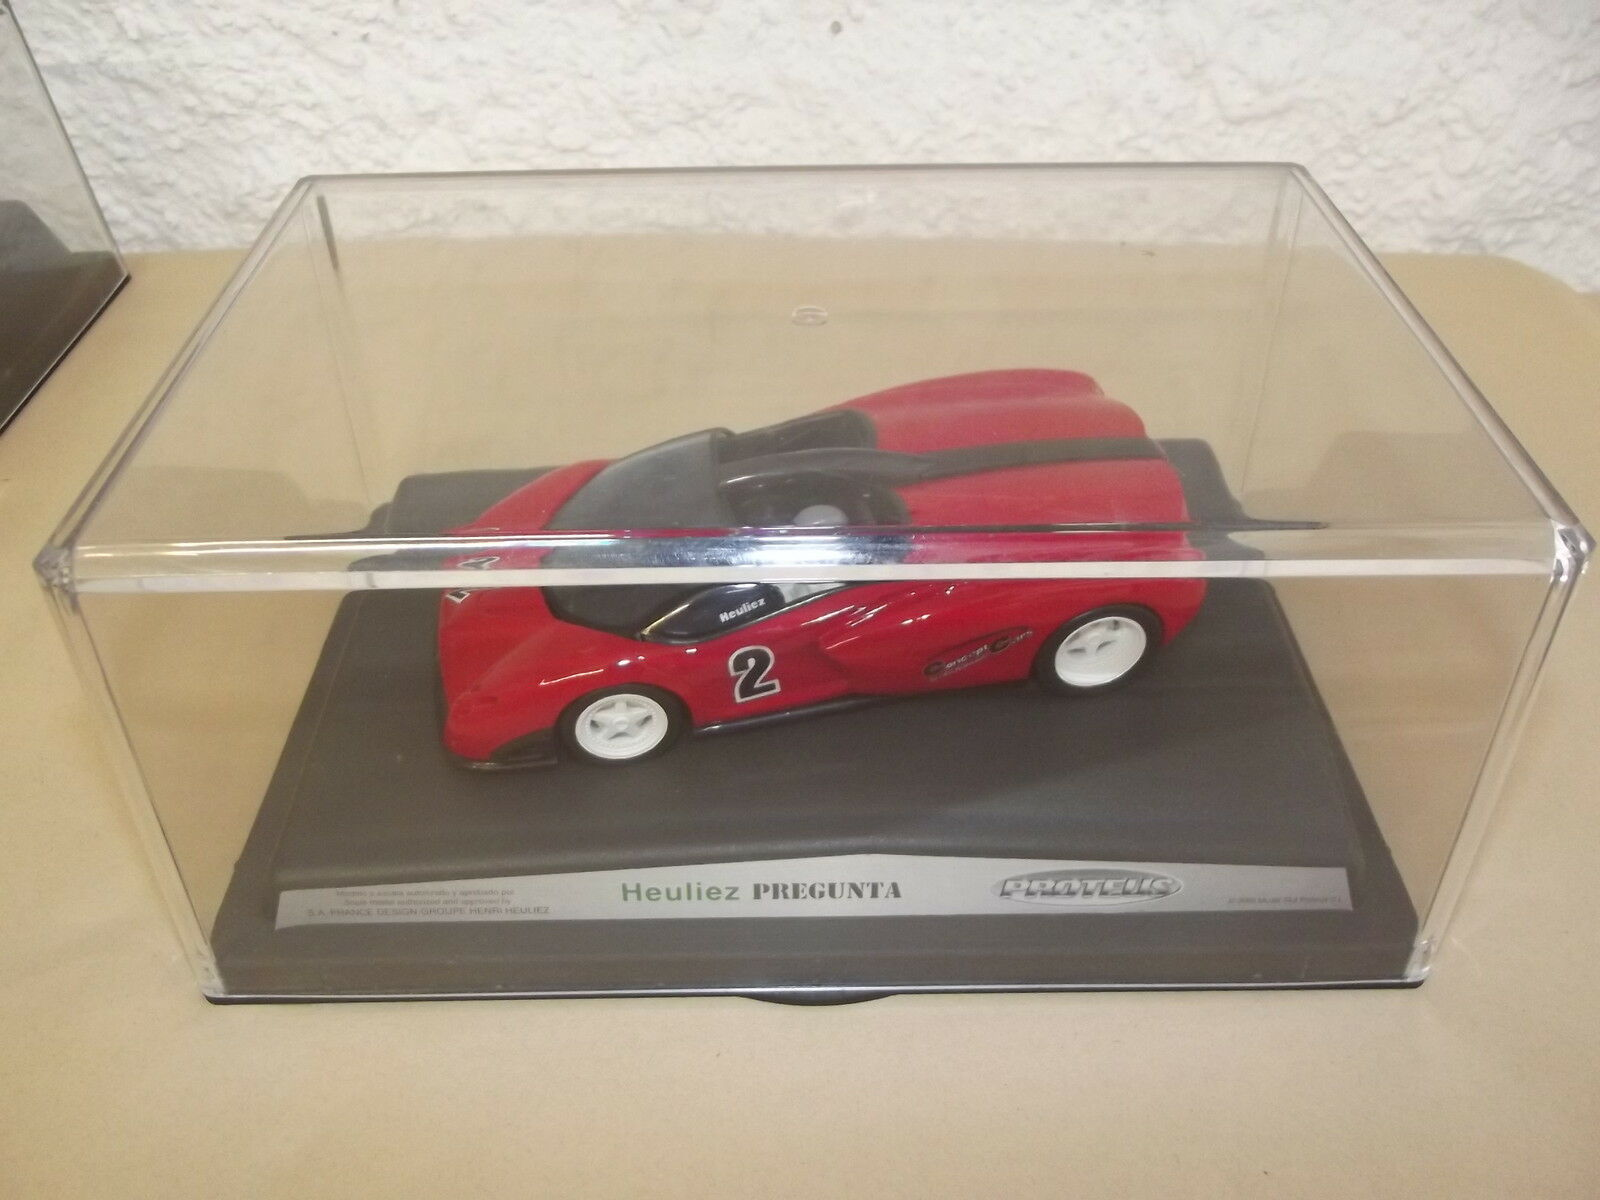 HEULIEZ PREGUNTA-ProjoEUS-2-CONCEPT CARS-RACING DREAMS-SPIRIT-SLOT CAR-1 32-E21